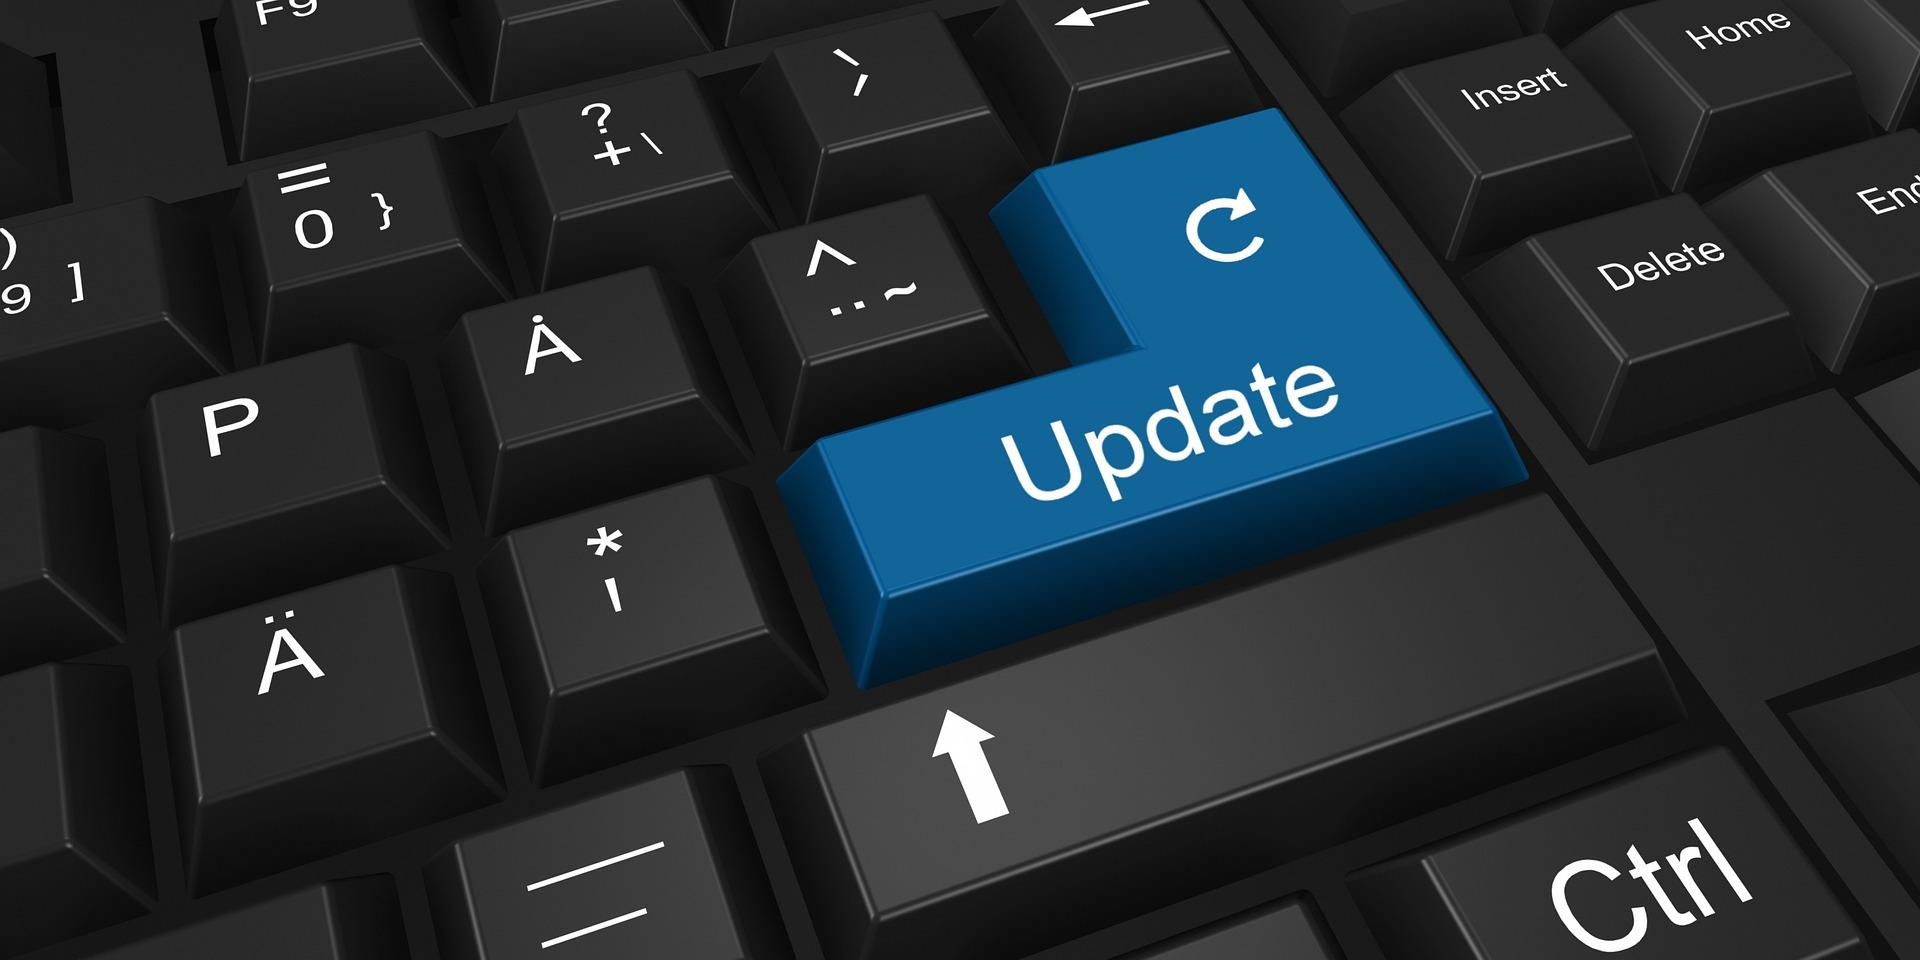 Tastatur med en stor blå knapp med teksten Update.